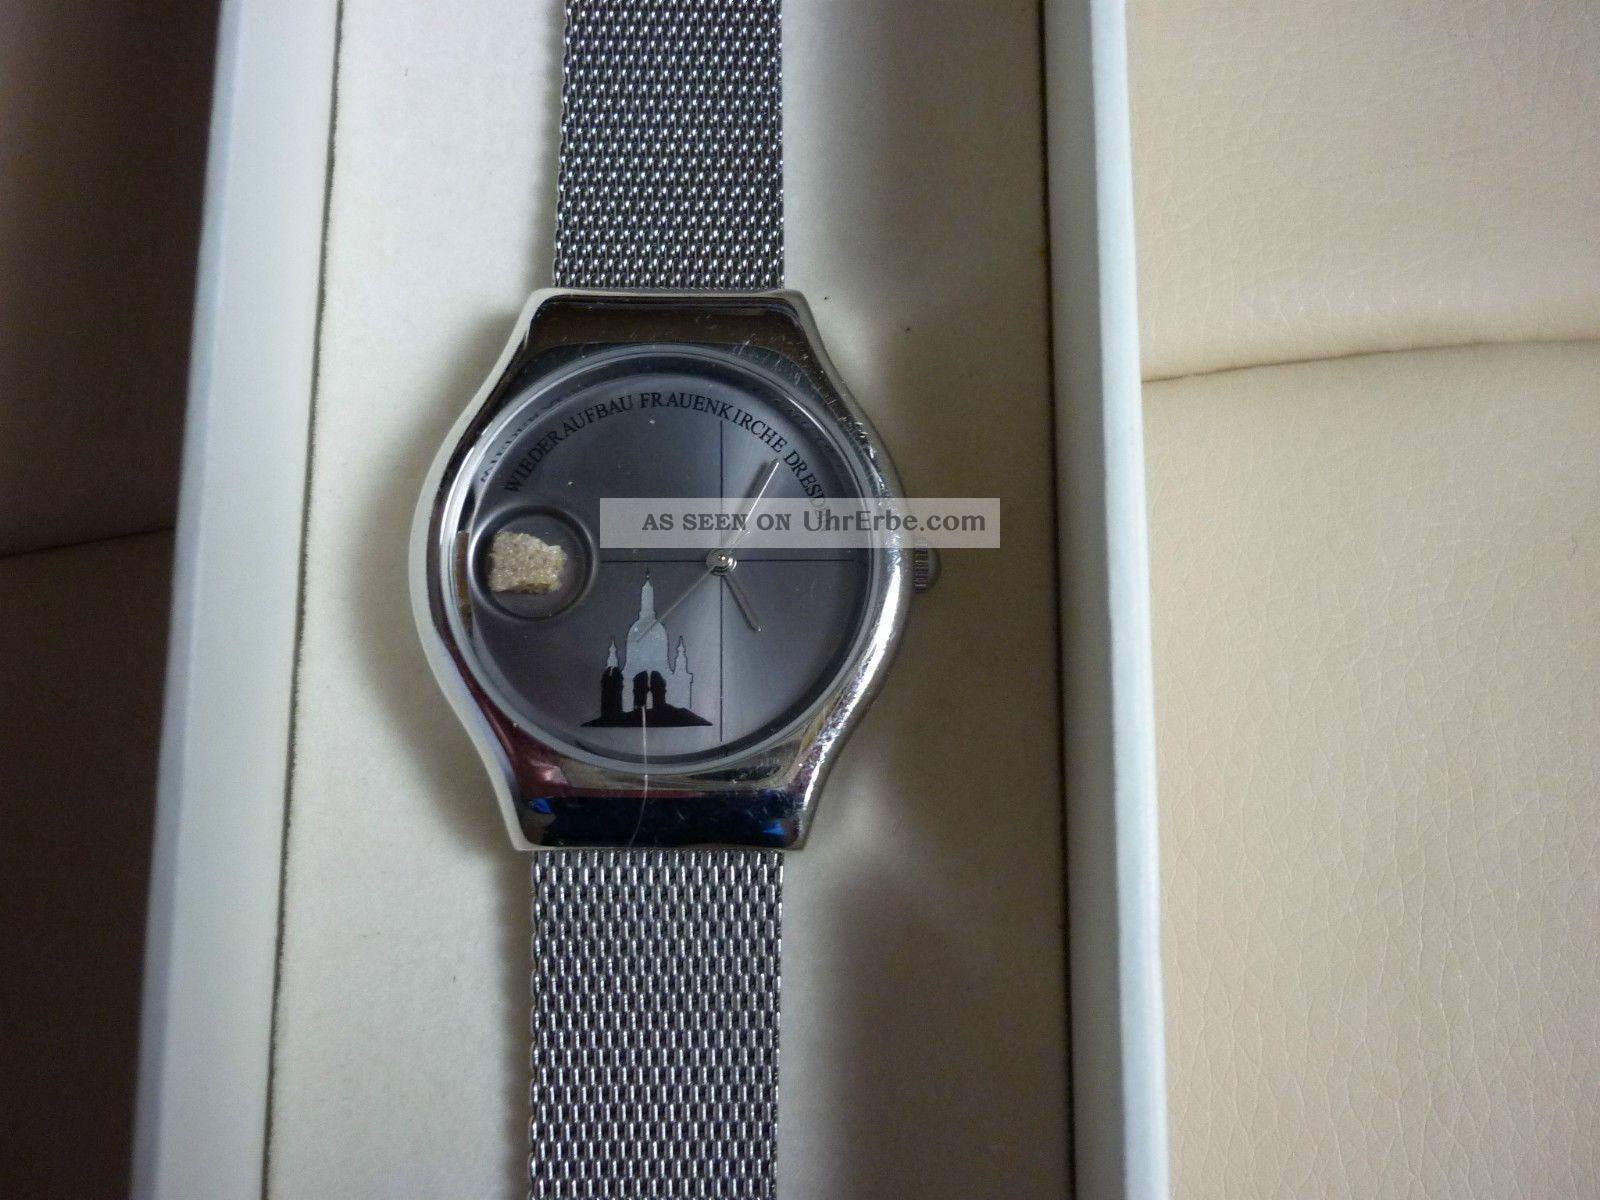 Jubiläumsedition 10jahre Armbanduhr Frauenkirche Armbanduhren Bild